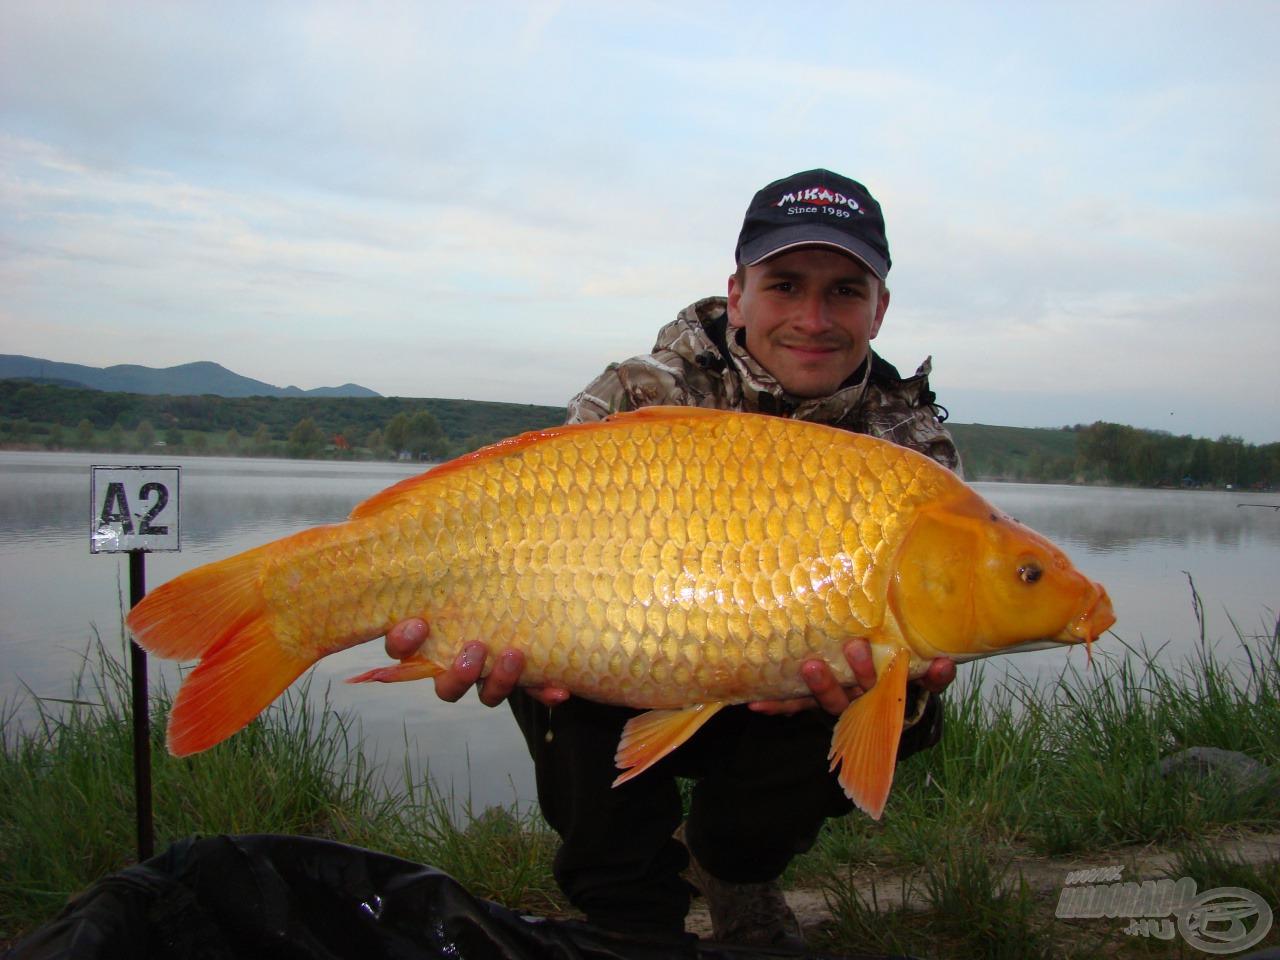 Narancs-koi a Mossfish csapatától